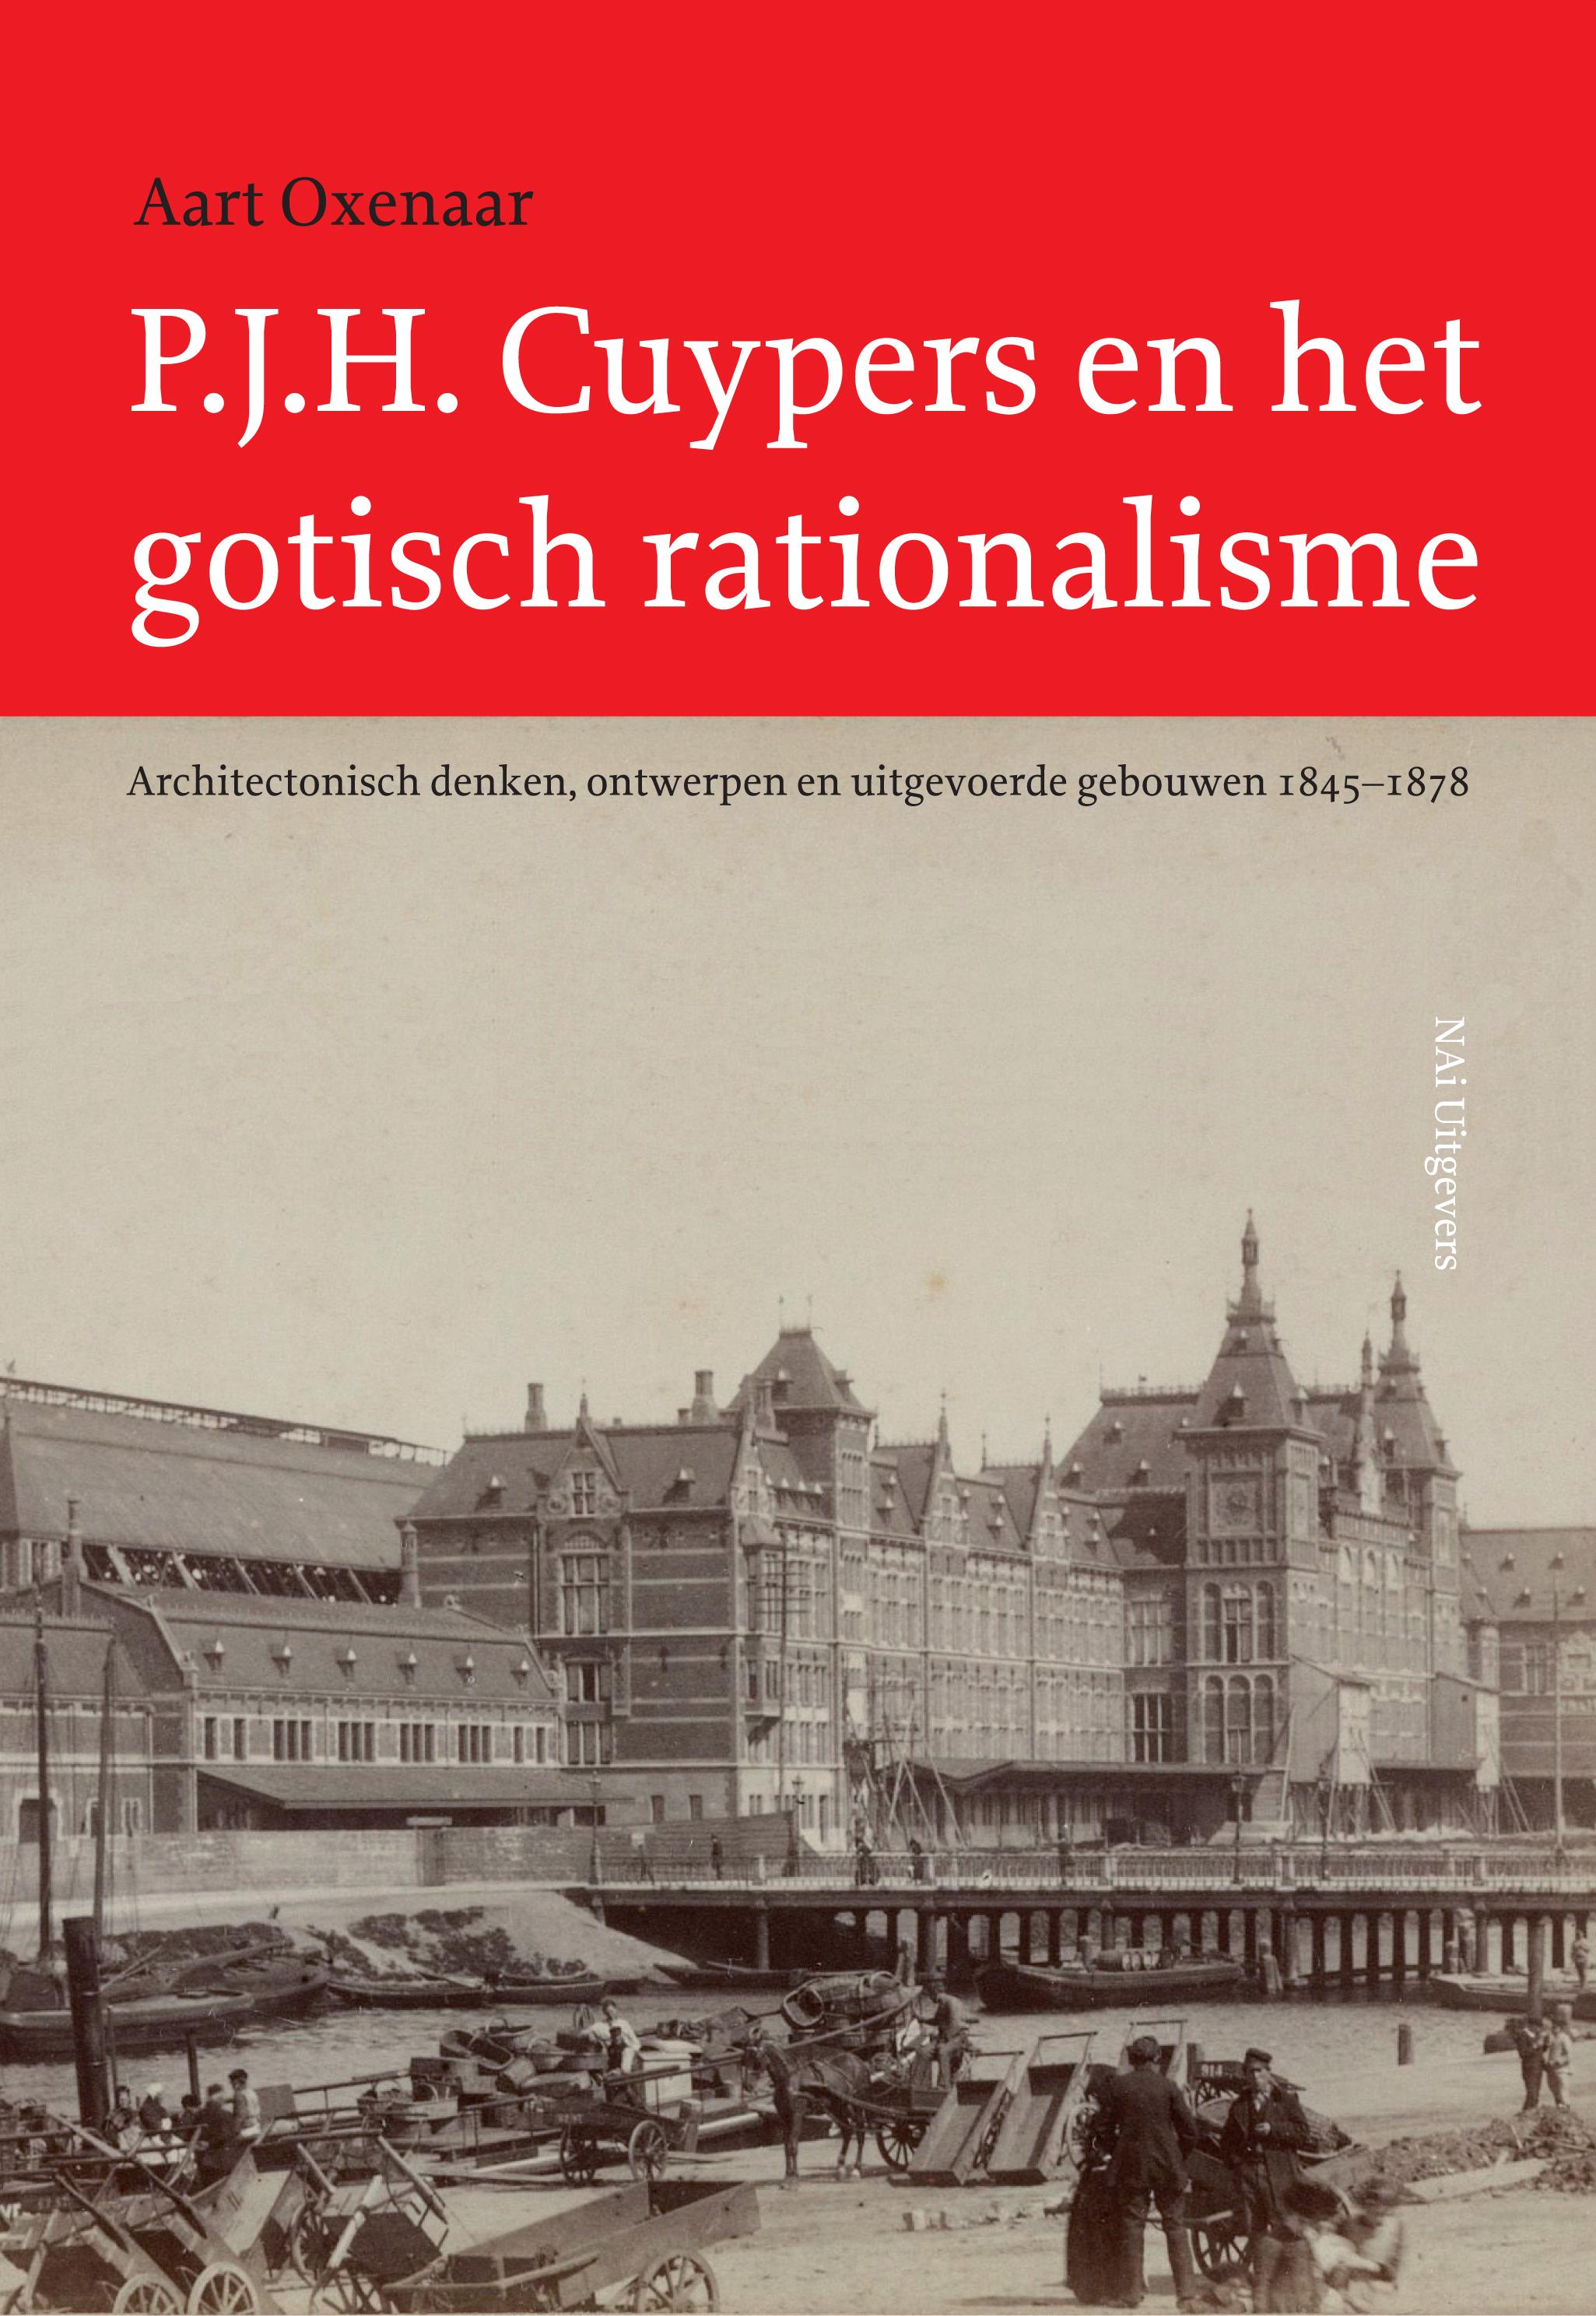 Afbeeldingsresultaat voor cuypers oxenaar gotisch